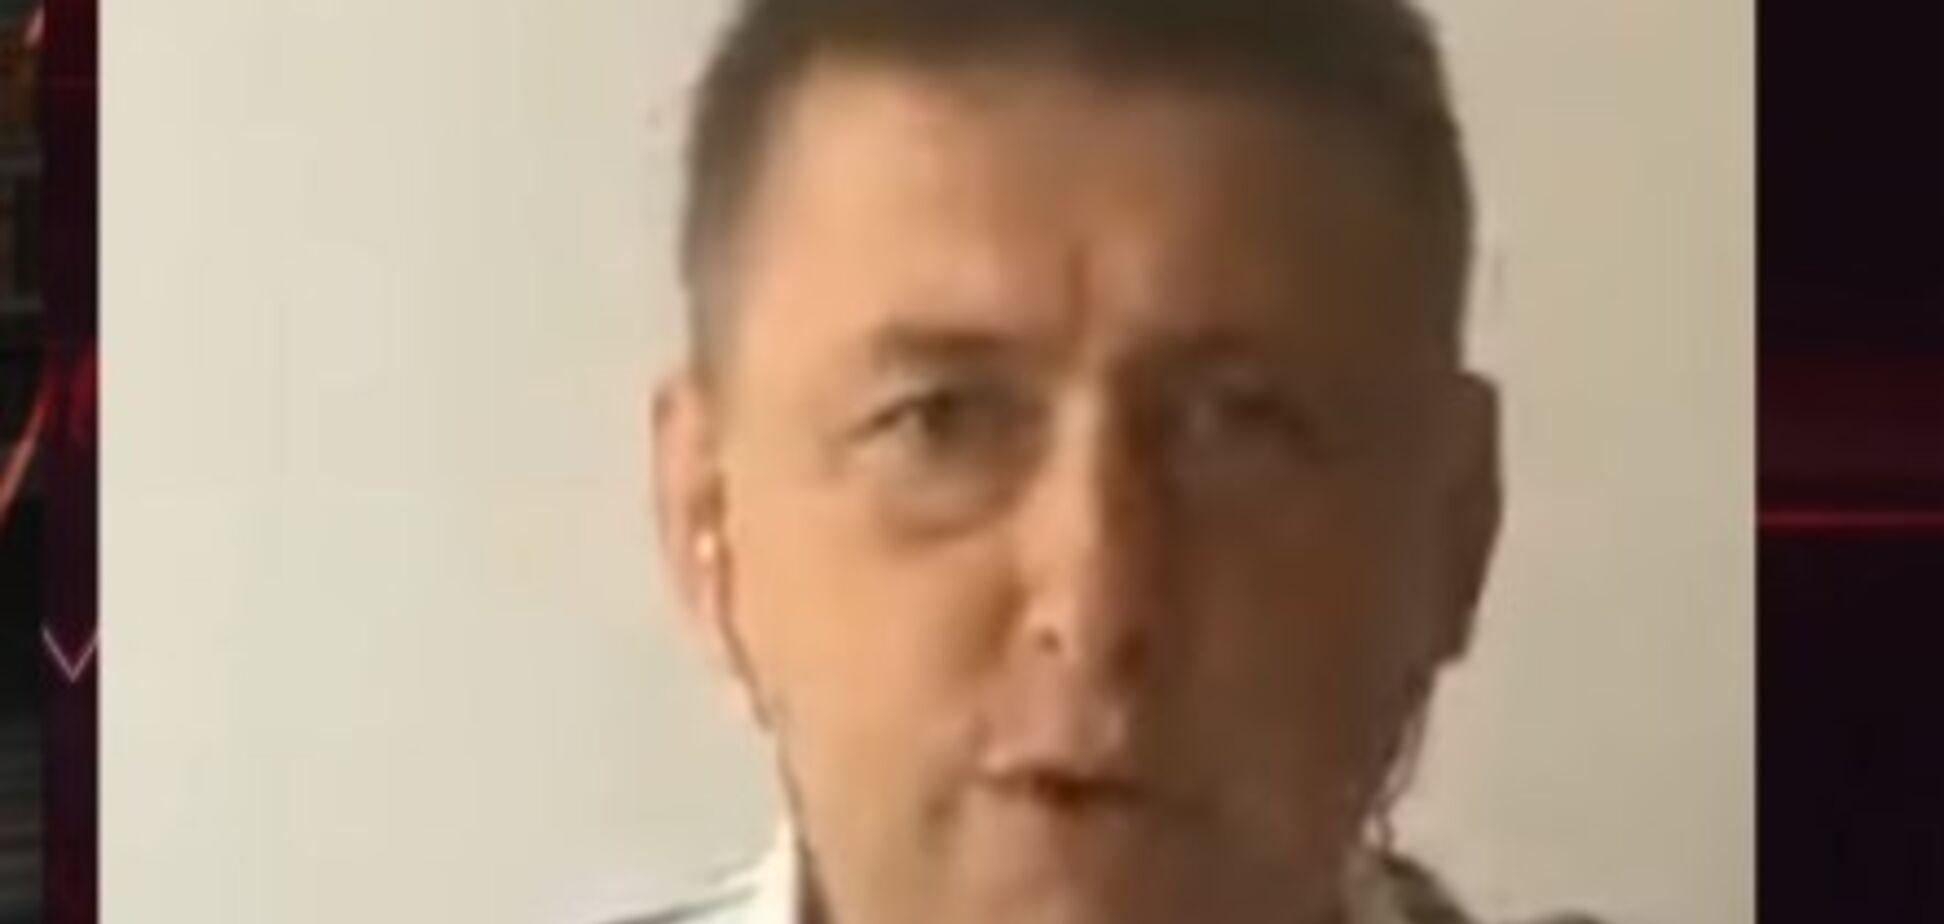 'Был бы без головы': Мельниченко сделал признание о скандальных пленках